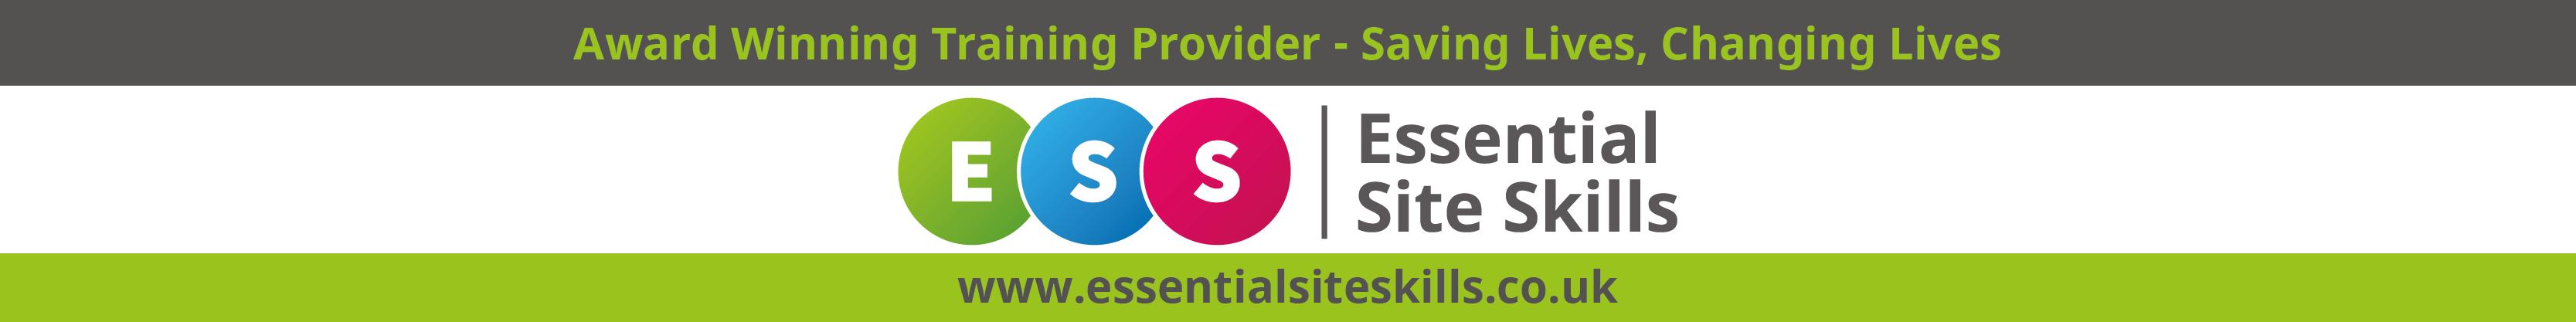 Essential Site Skills